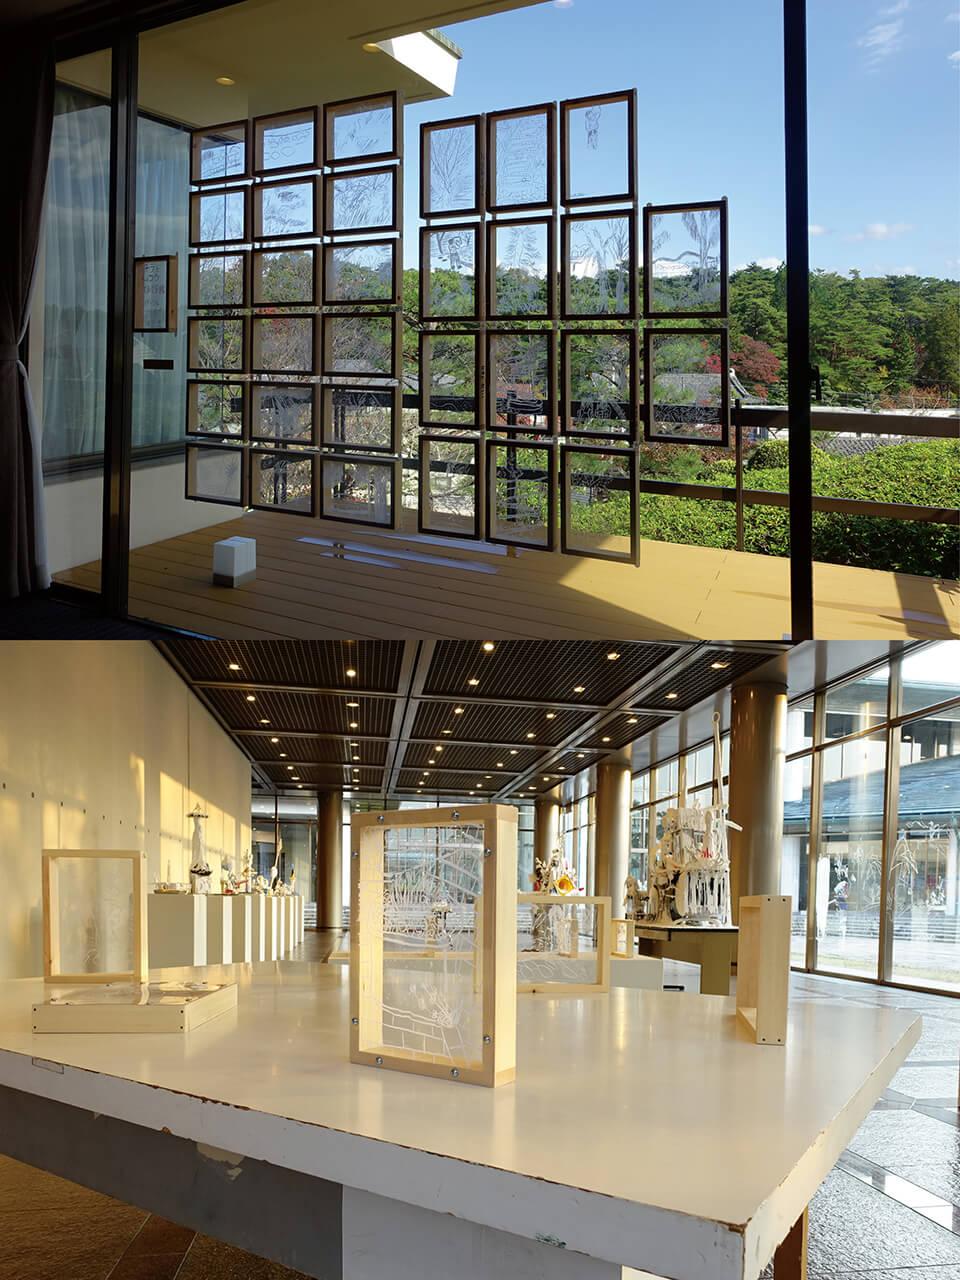 「コチラとムコウ」<br /> 各自の視点で制作した小窓を展示<br /> [上]2017/淺沼記念館[学園前アートフェスタ2017]/奈良<br /> [下]2017/滋賀県立近代美術館[クロージングイベント]